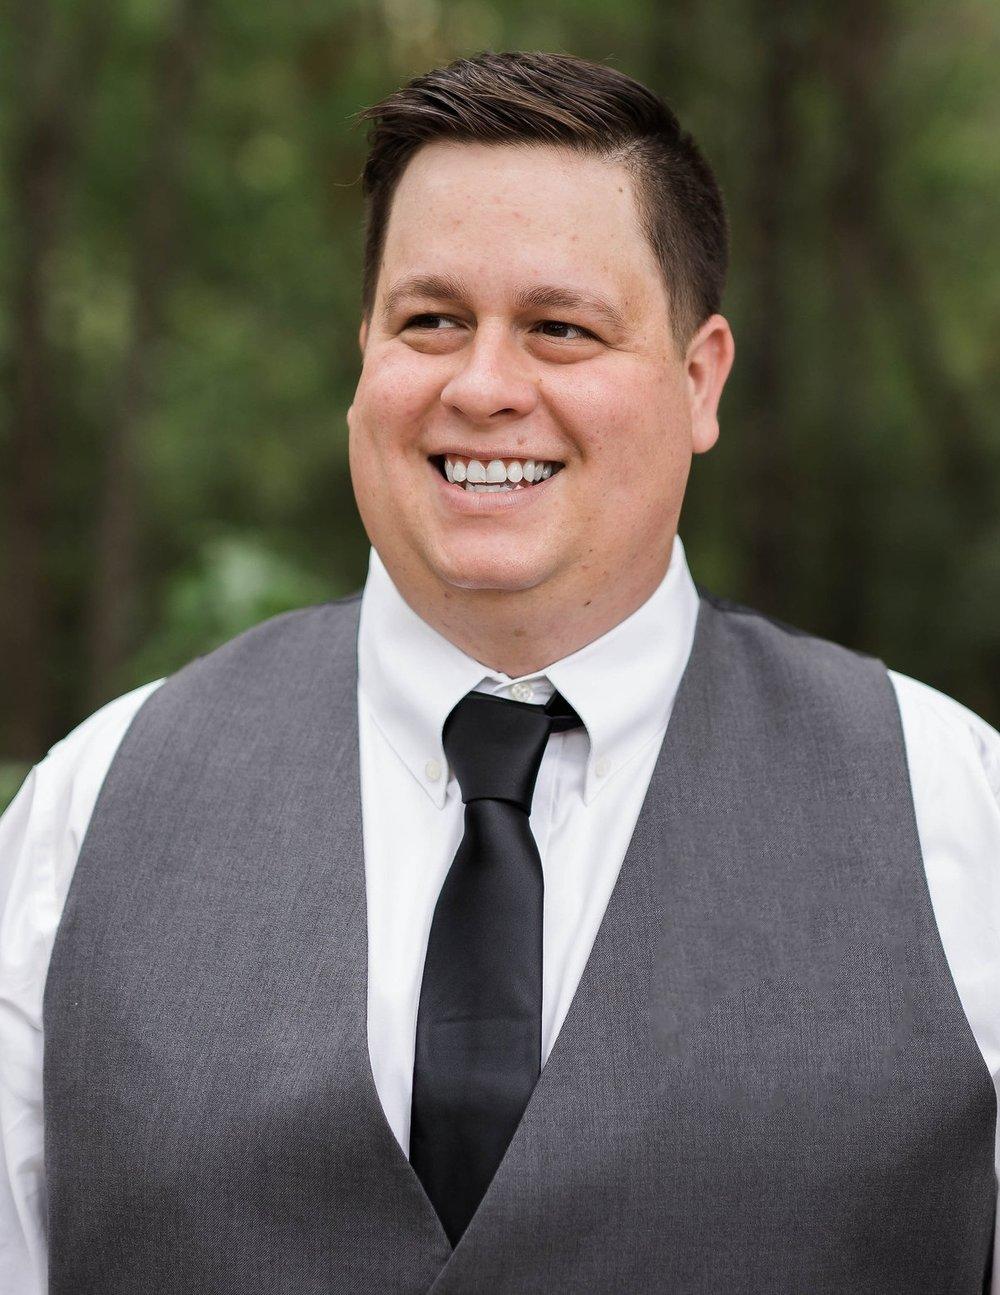 Owner/Founder, Garret Snyder